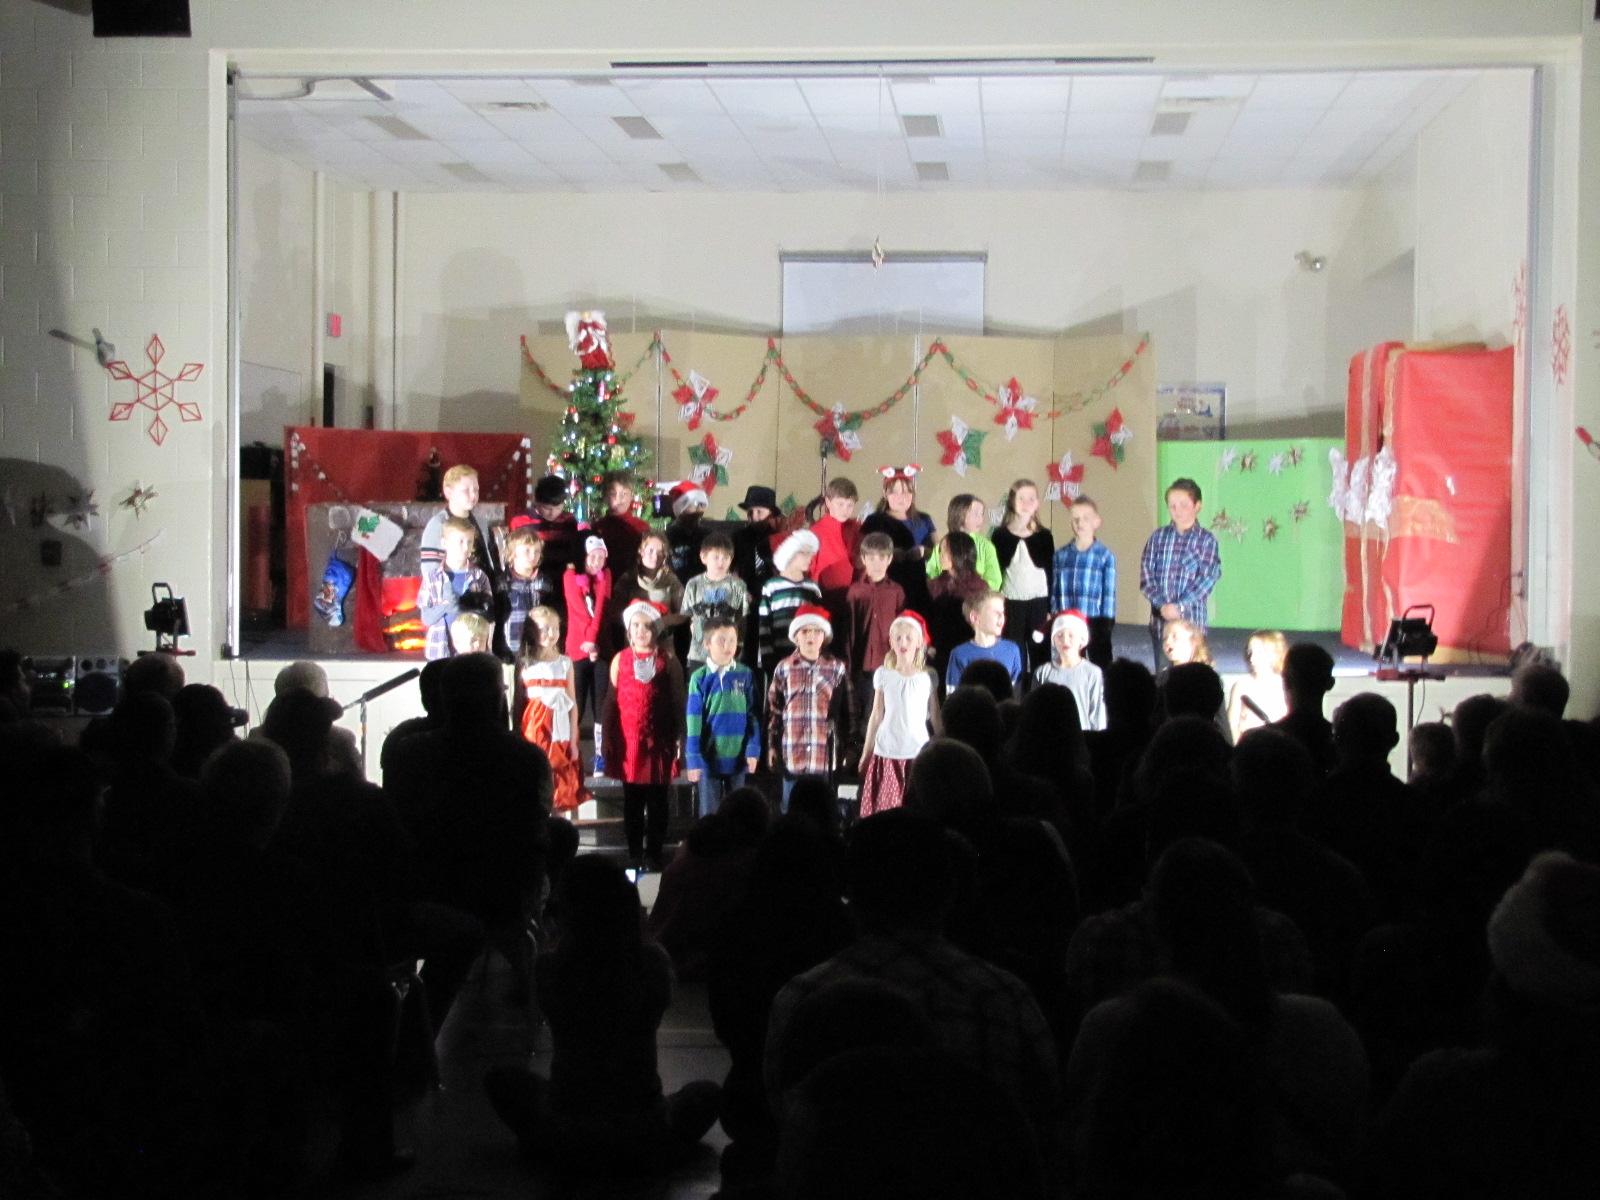 2014-12-17 TV School Christmas Concert 010